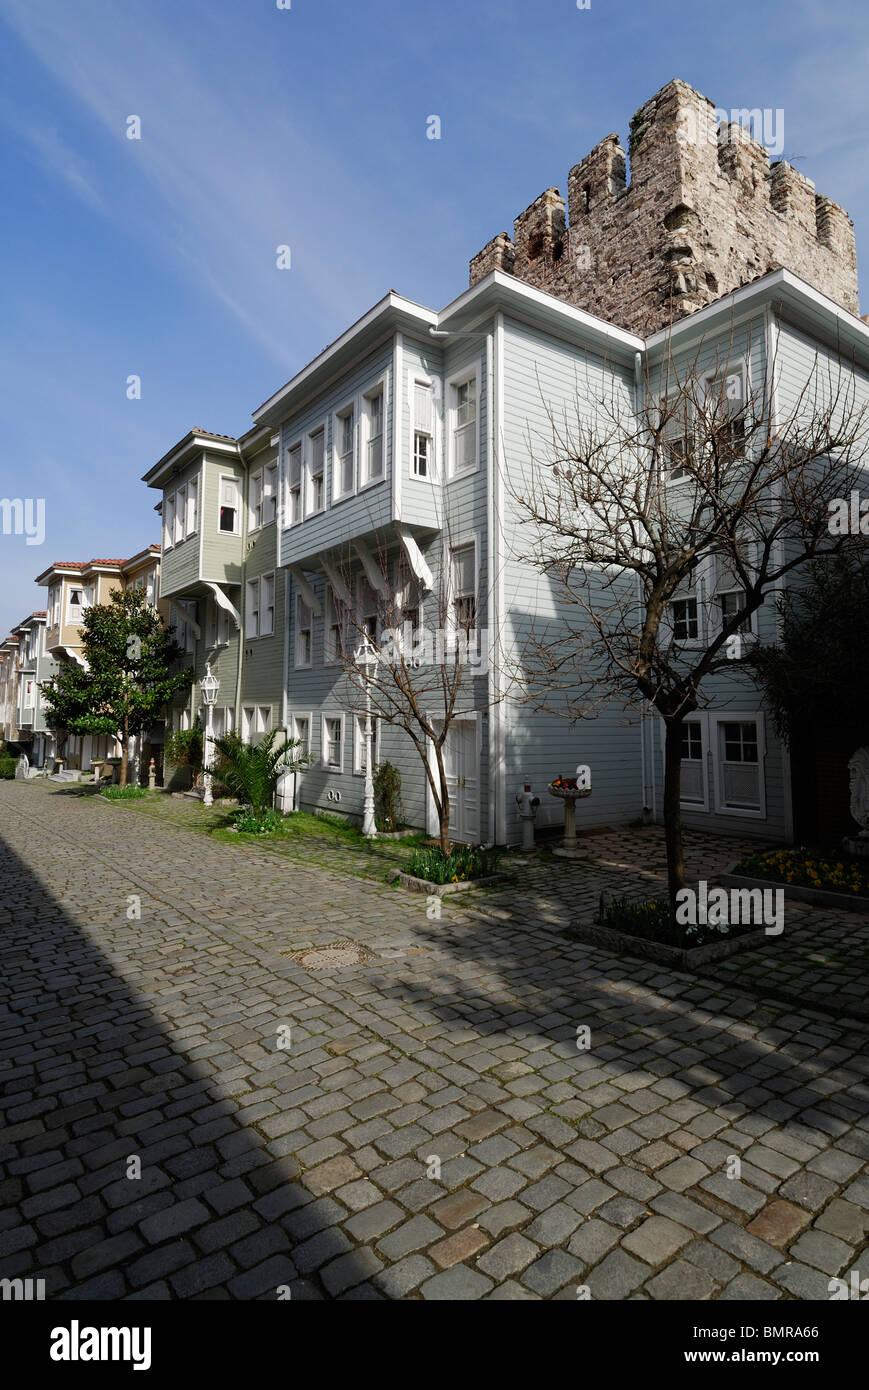 Istanbul. Turkei. Traditionelle Holzhäuser auf Sogukcesme Sok gegen die Wände der Topkapi-Palast, Sultanahmet Stockbild